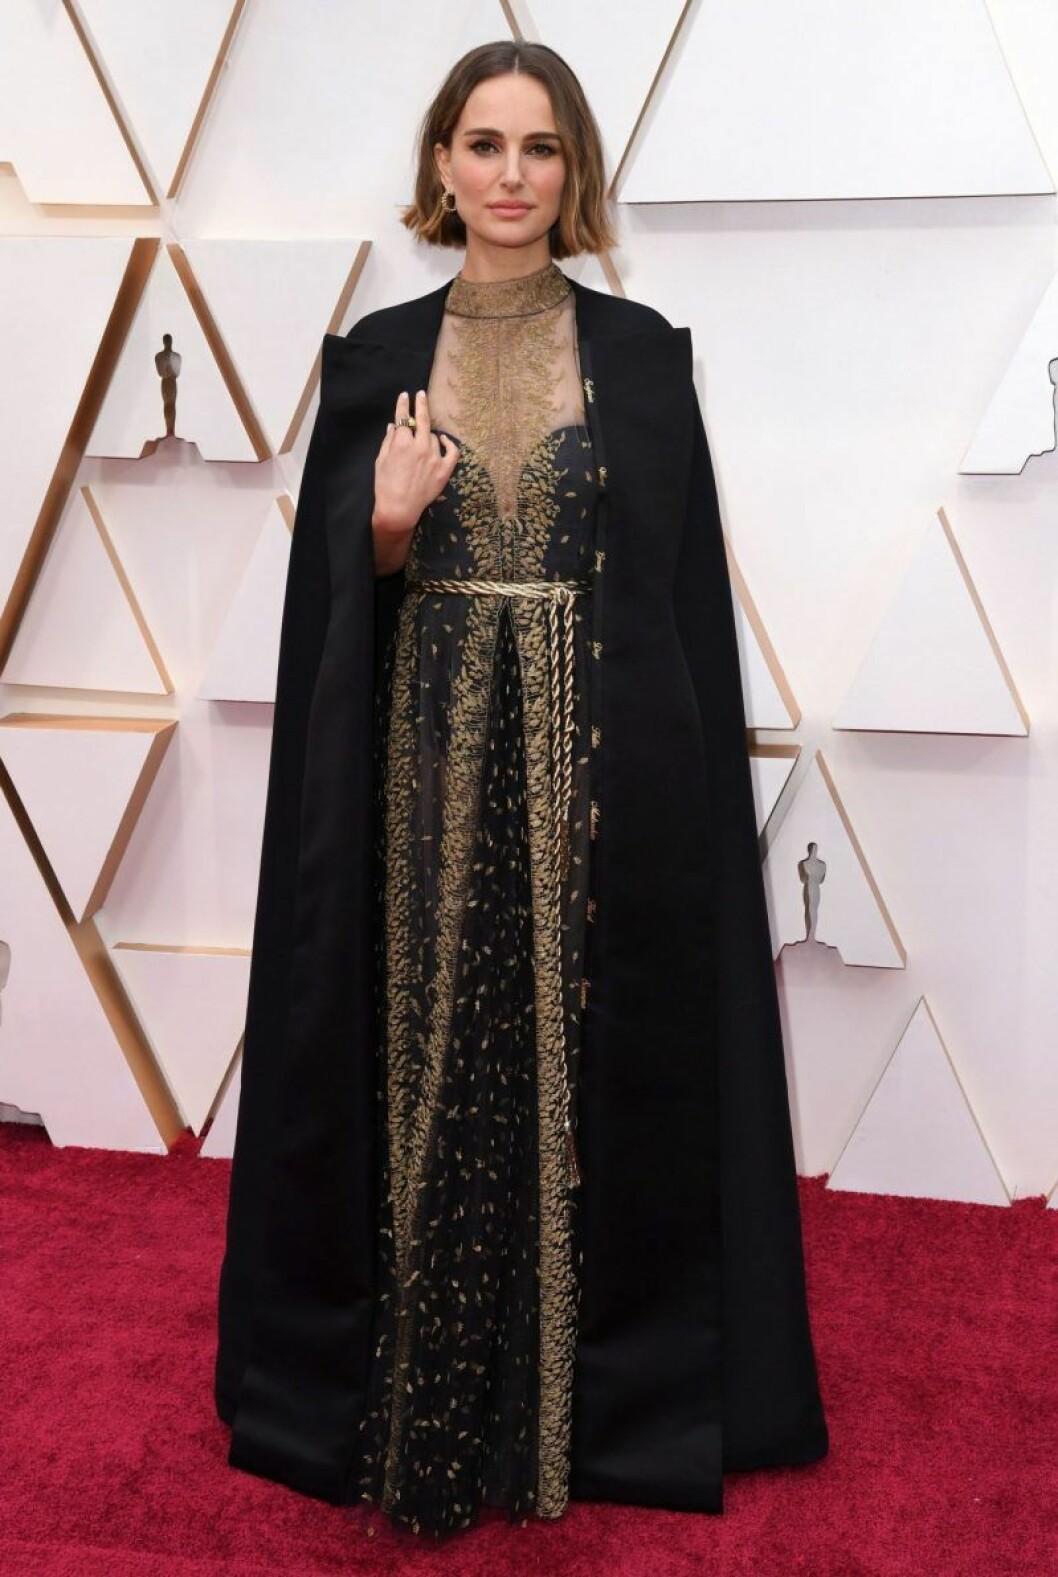 Natalie Portman i svart klänning med svart cape på röda mattan